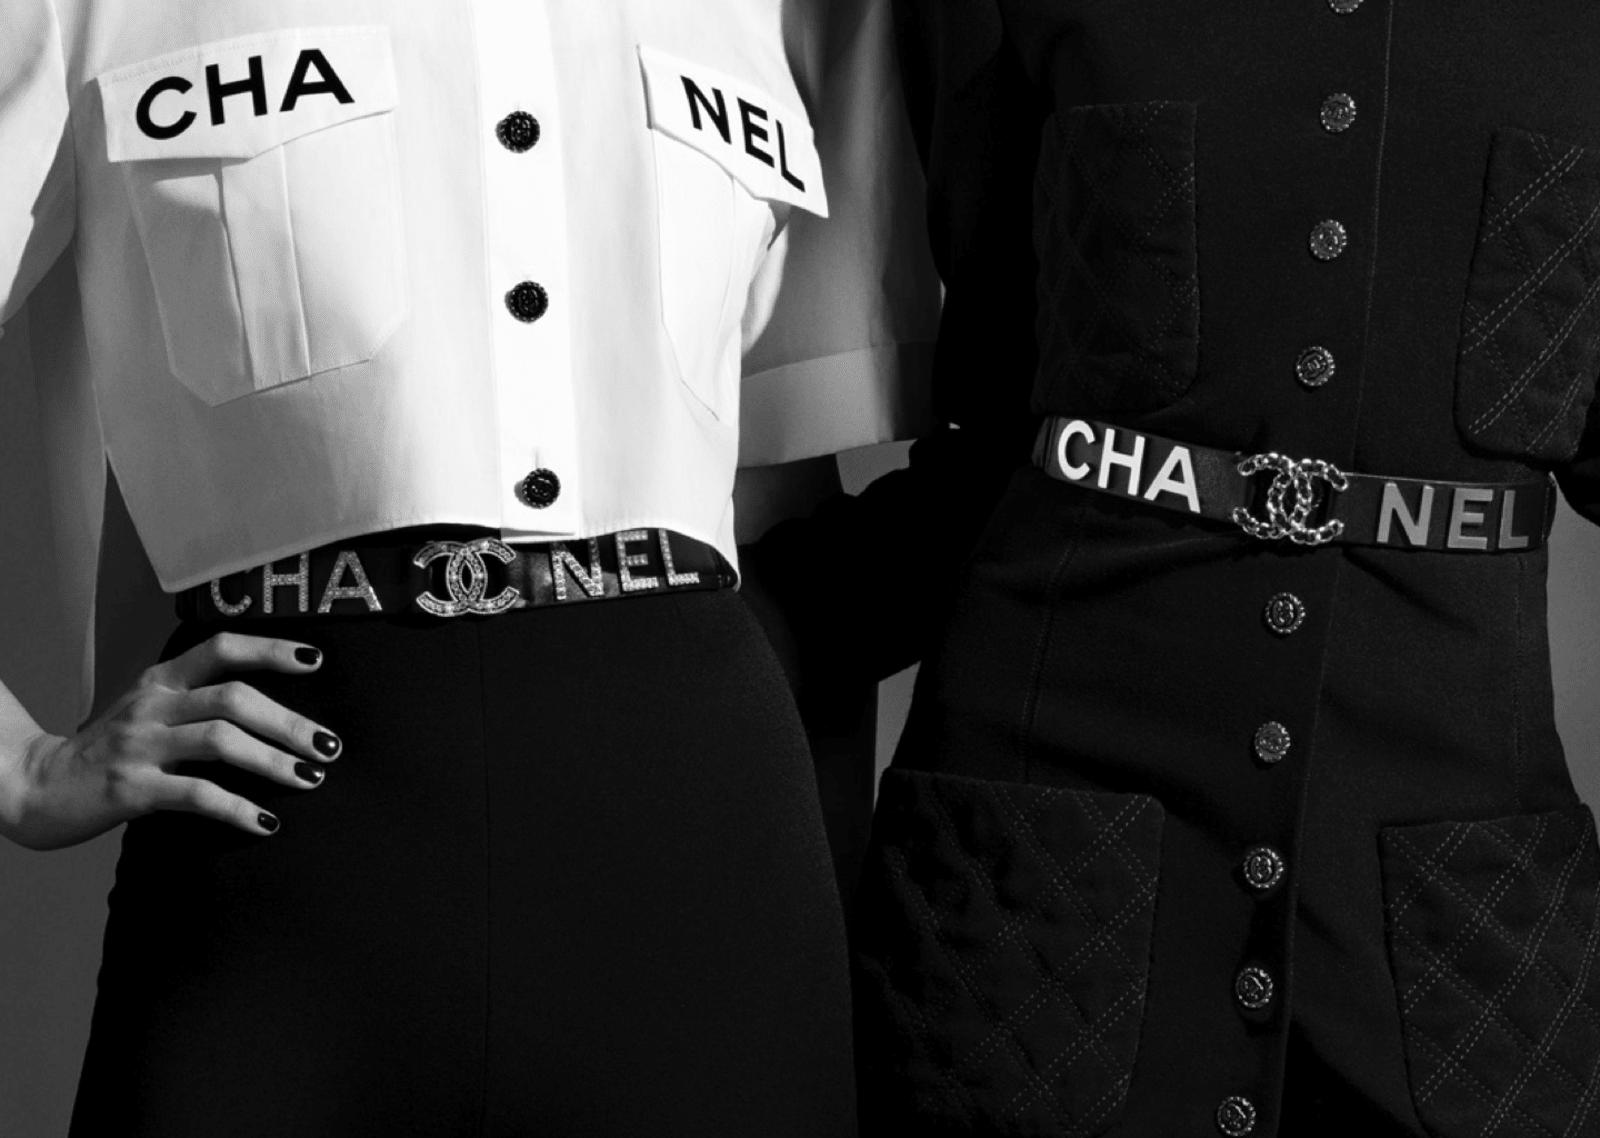 chanel belts